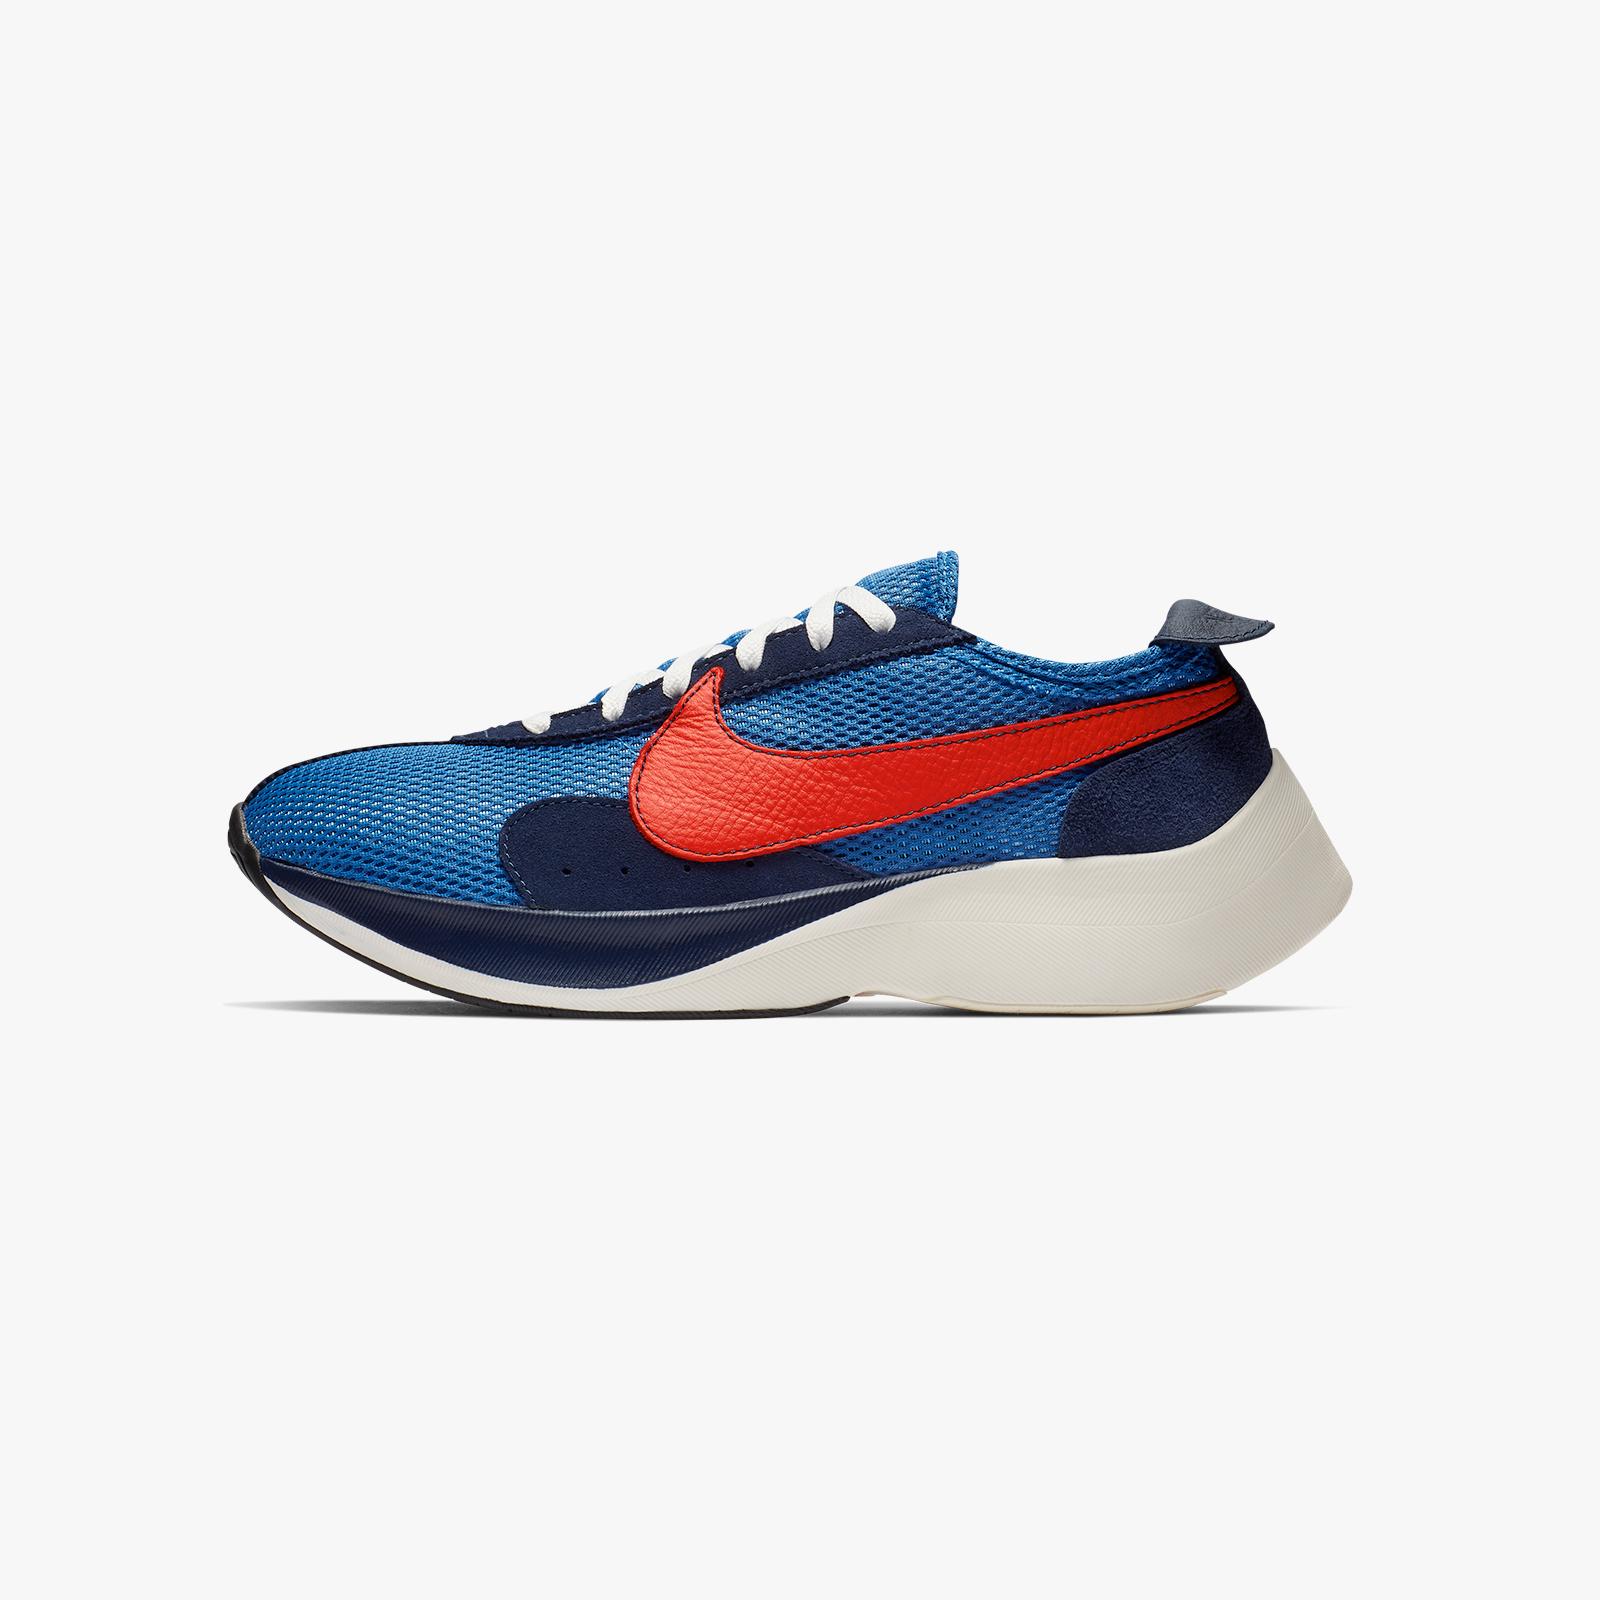 33c12d91a Nike Moon Racer QS - Bv7779-400 - Sneakersnstuff | sneakers & streetwear  online since 1999